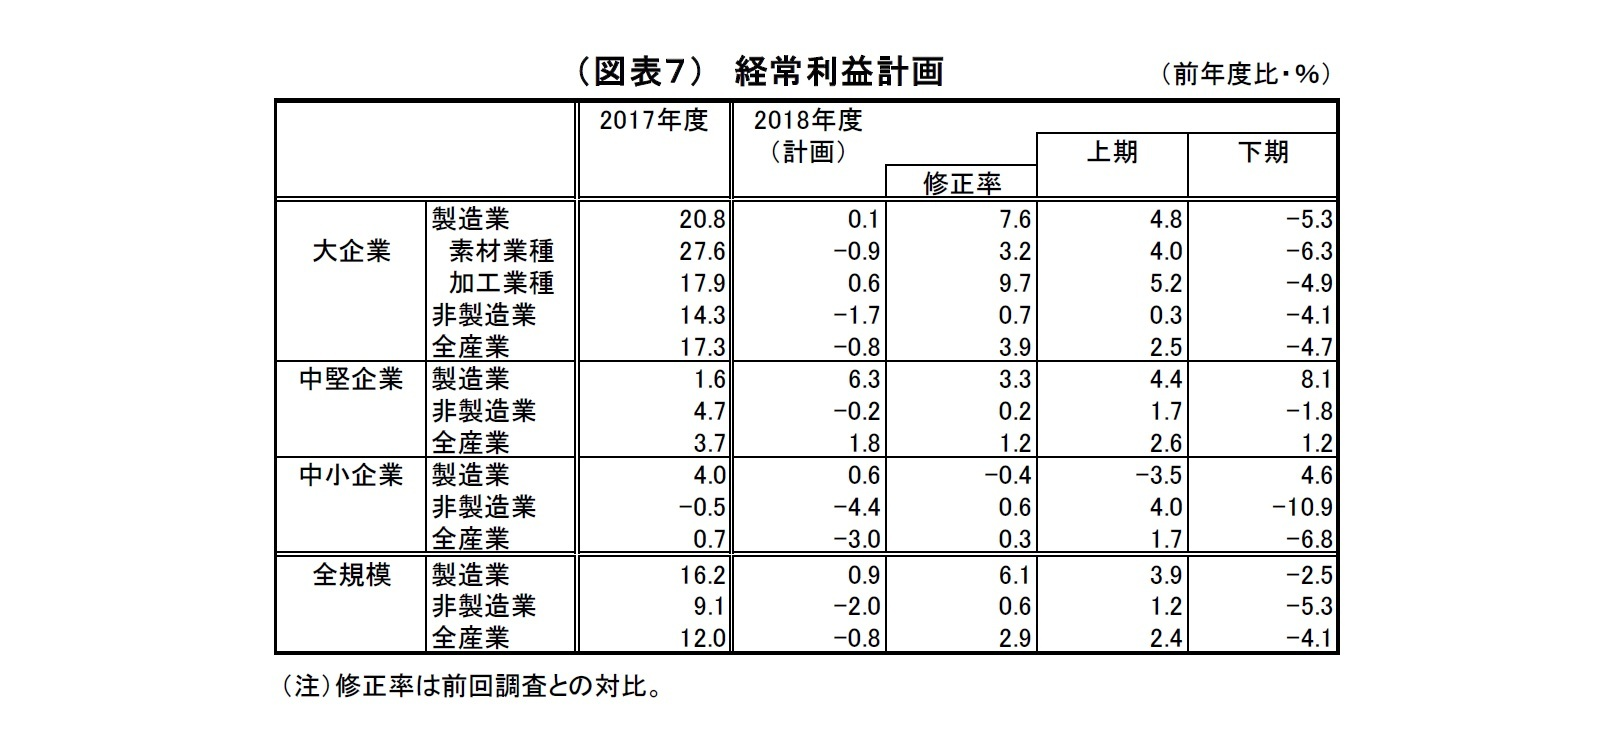 (図表7)経常利益計画